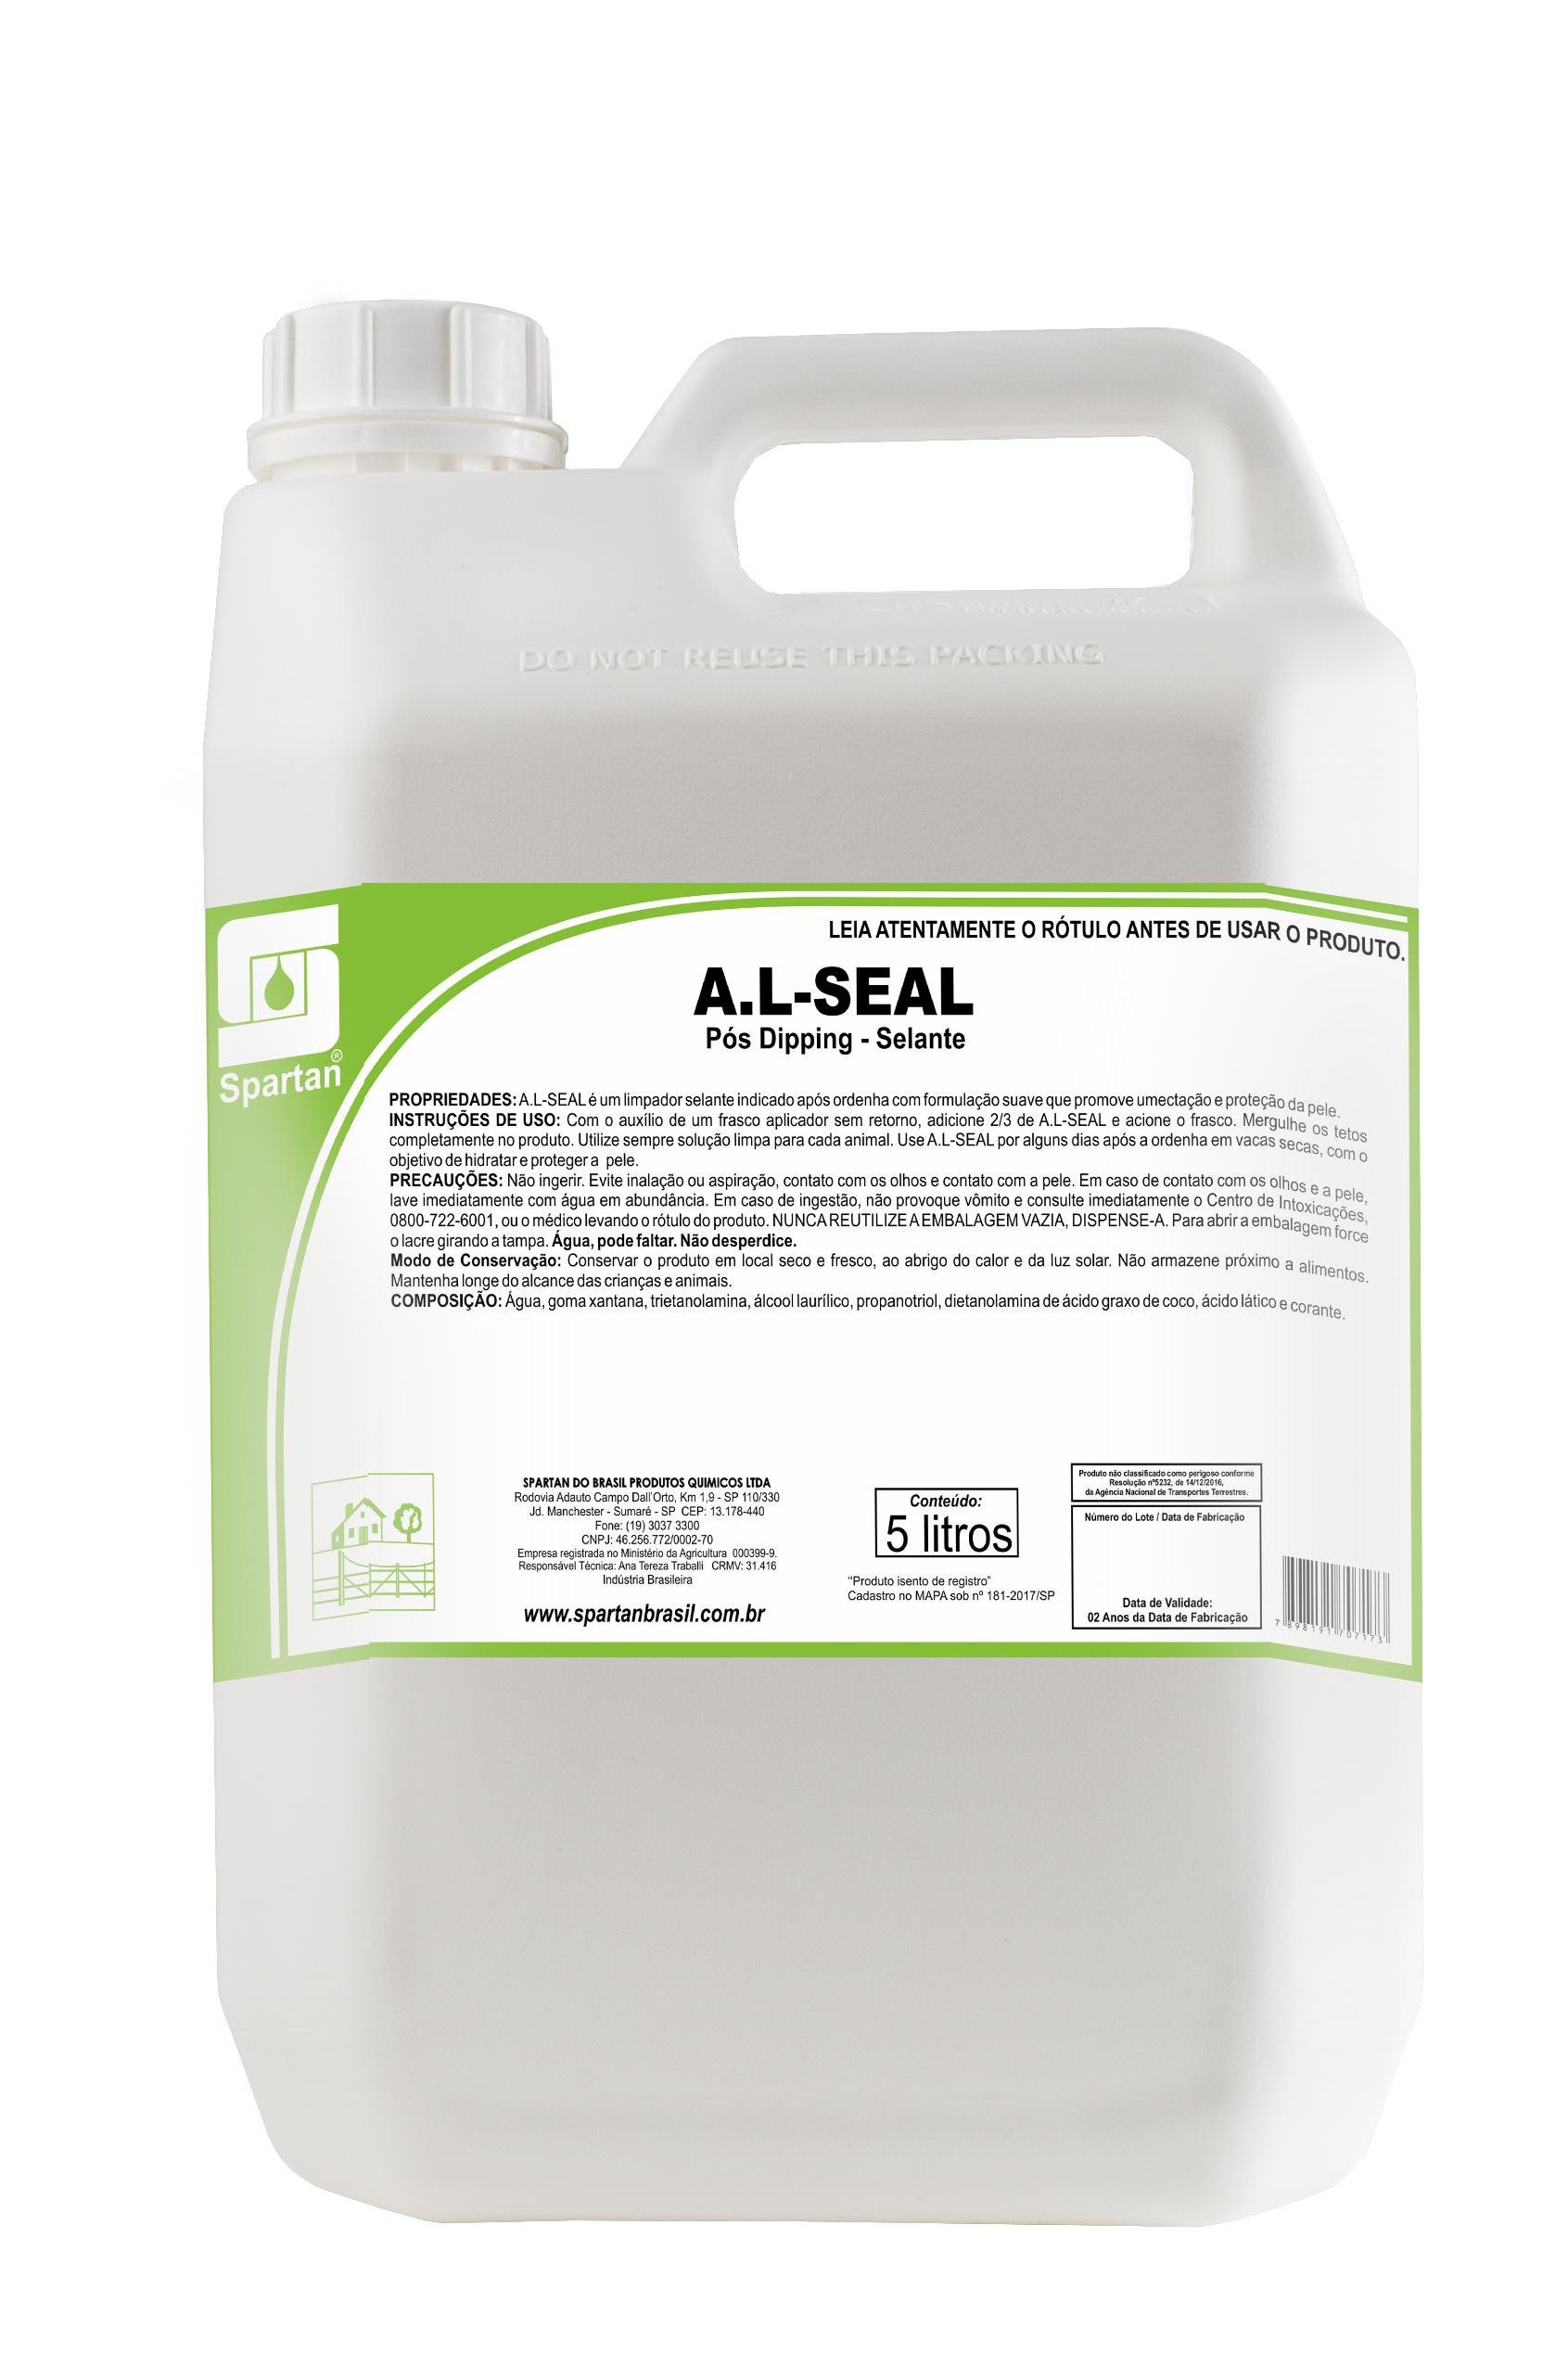 A.L-Seal